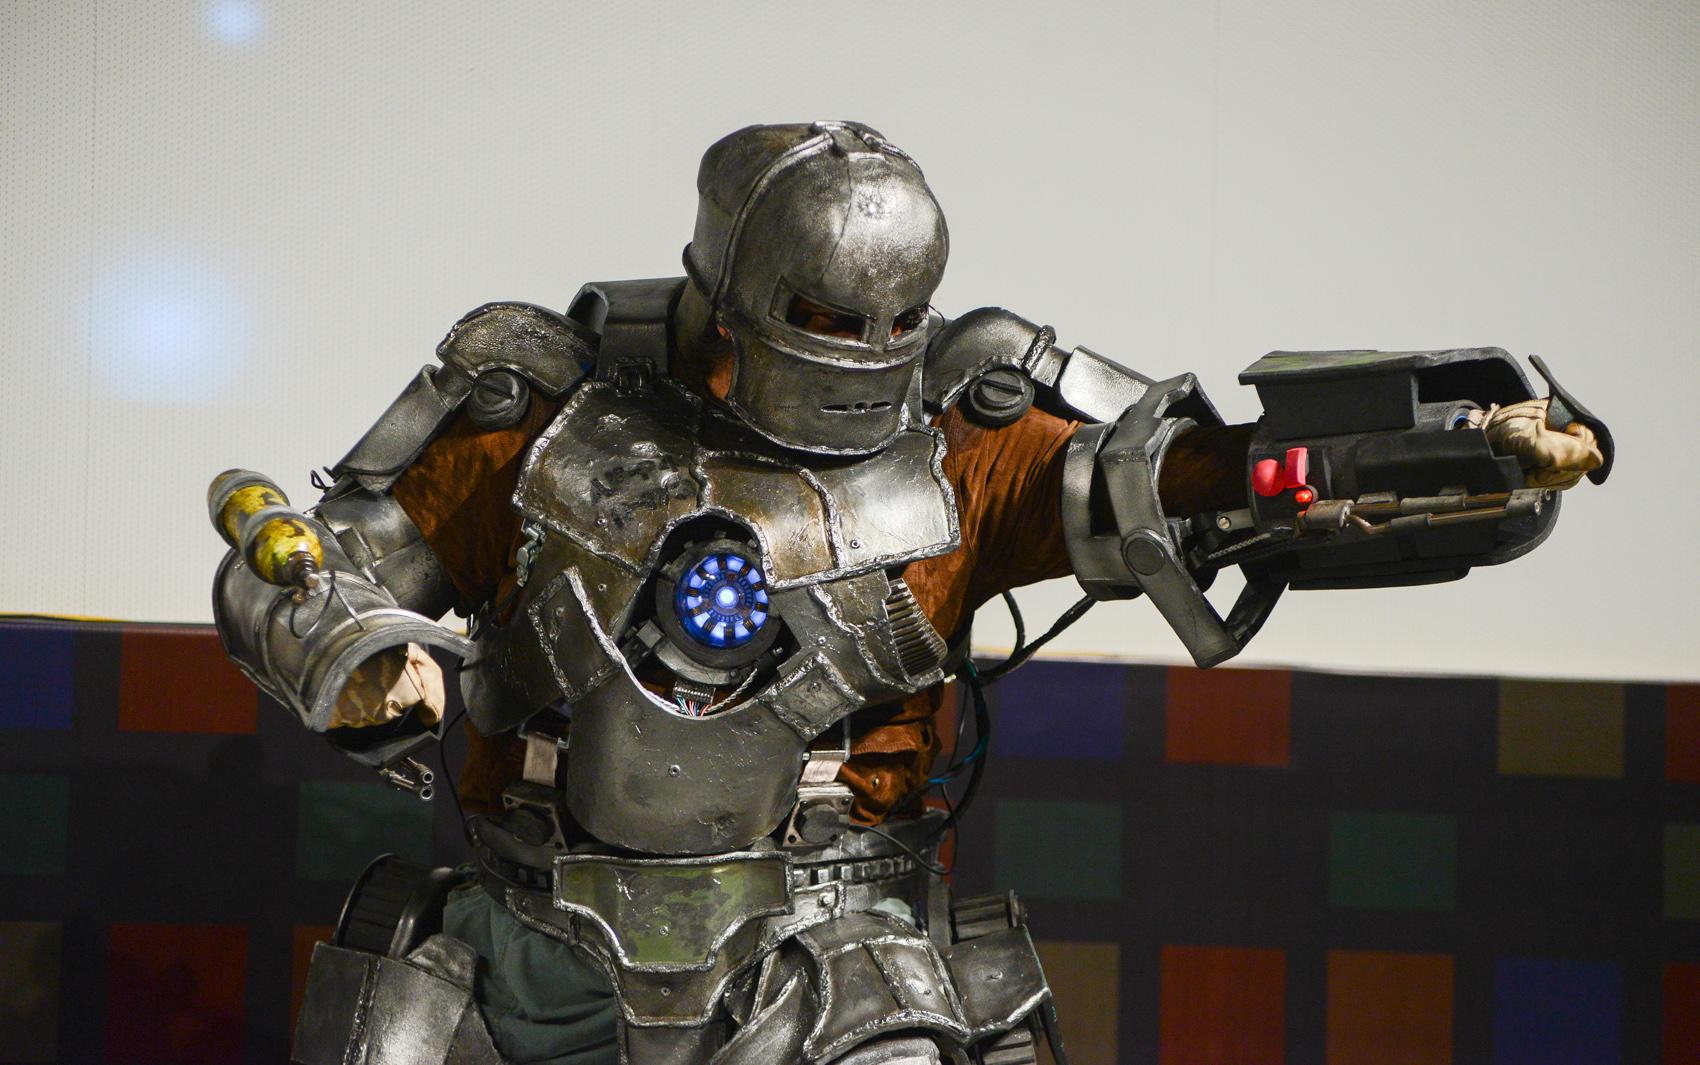 Hermes Barreto venceu na categoria de melhor cosplay individual com seu traje de Homen de Ferro